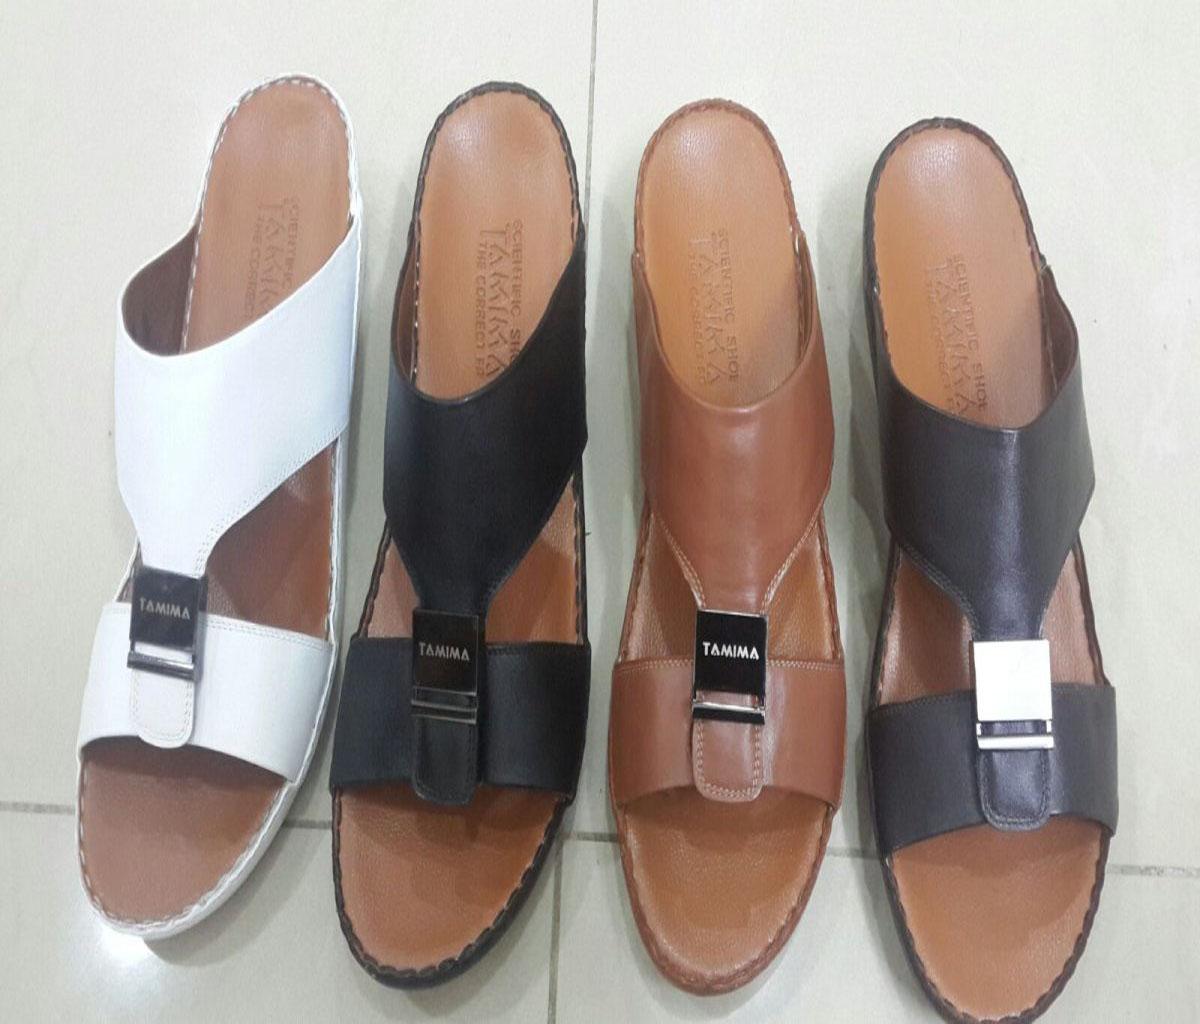 صور حلم لبس الحذاء , تفسير حلم الحذاء في المنام